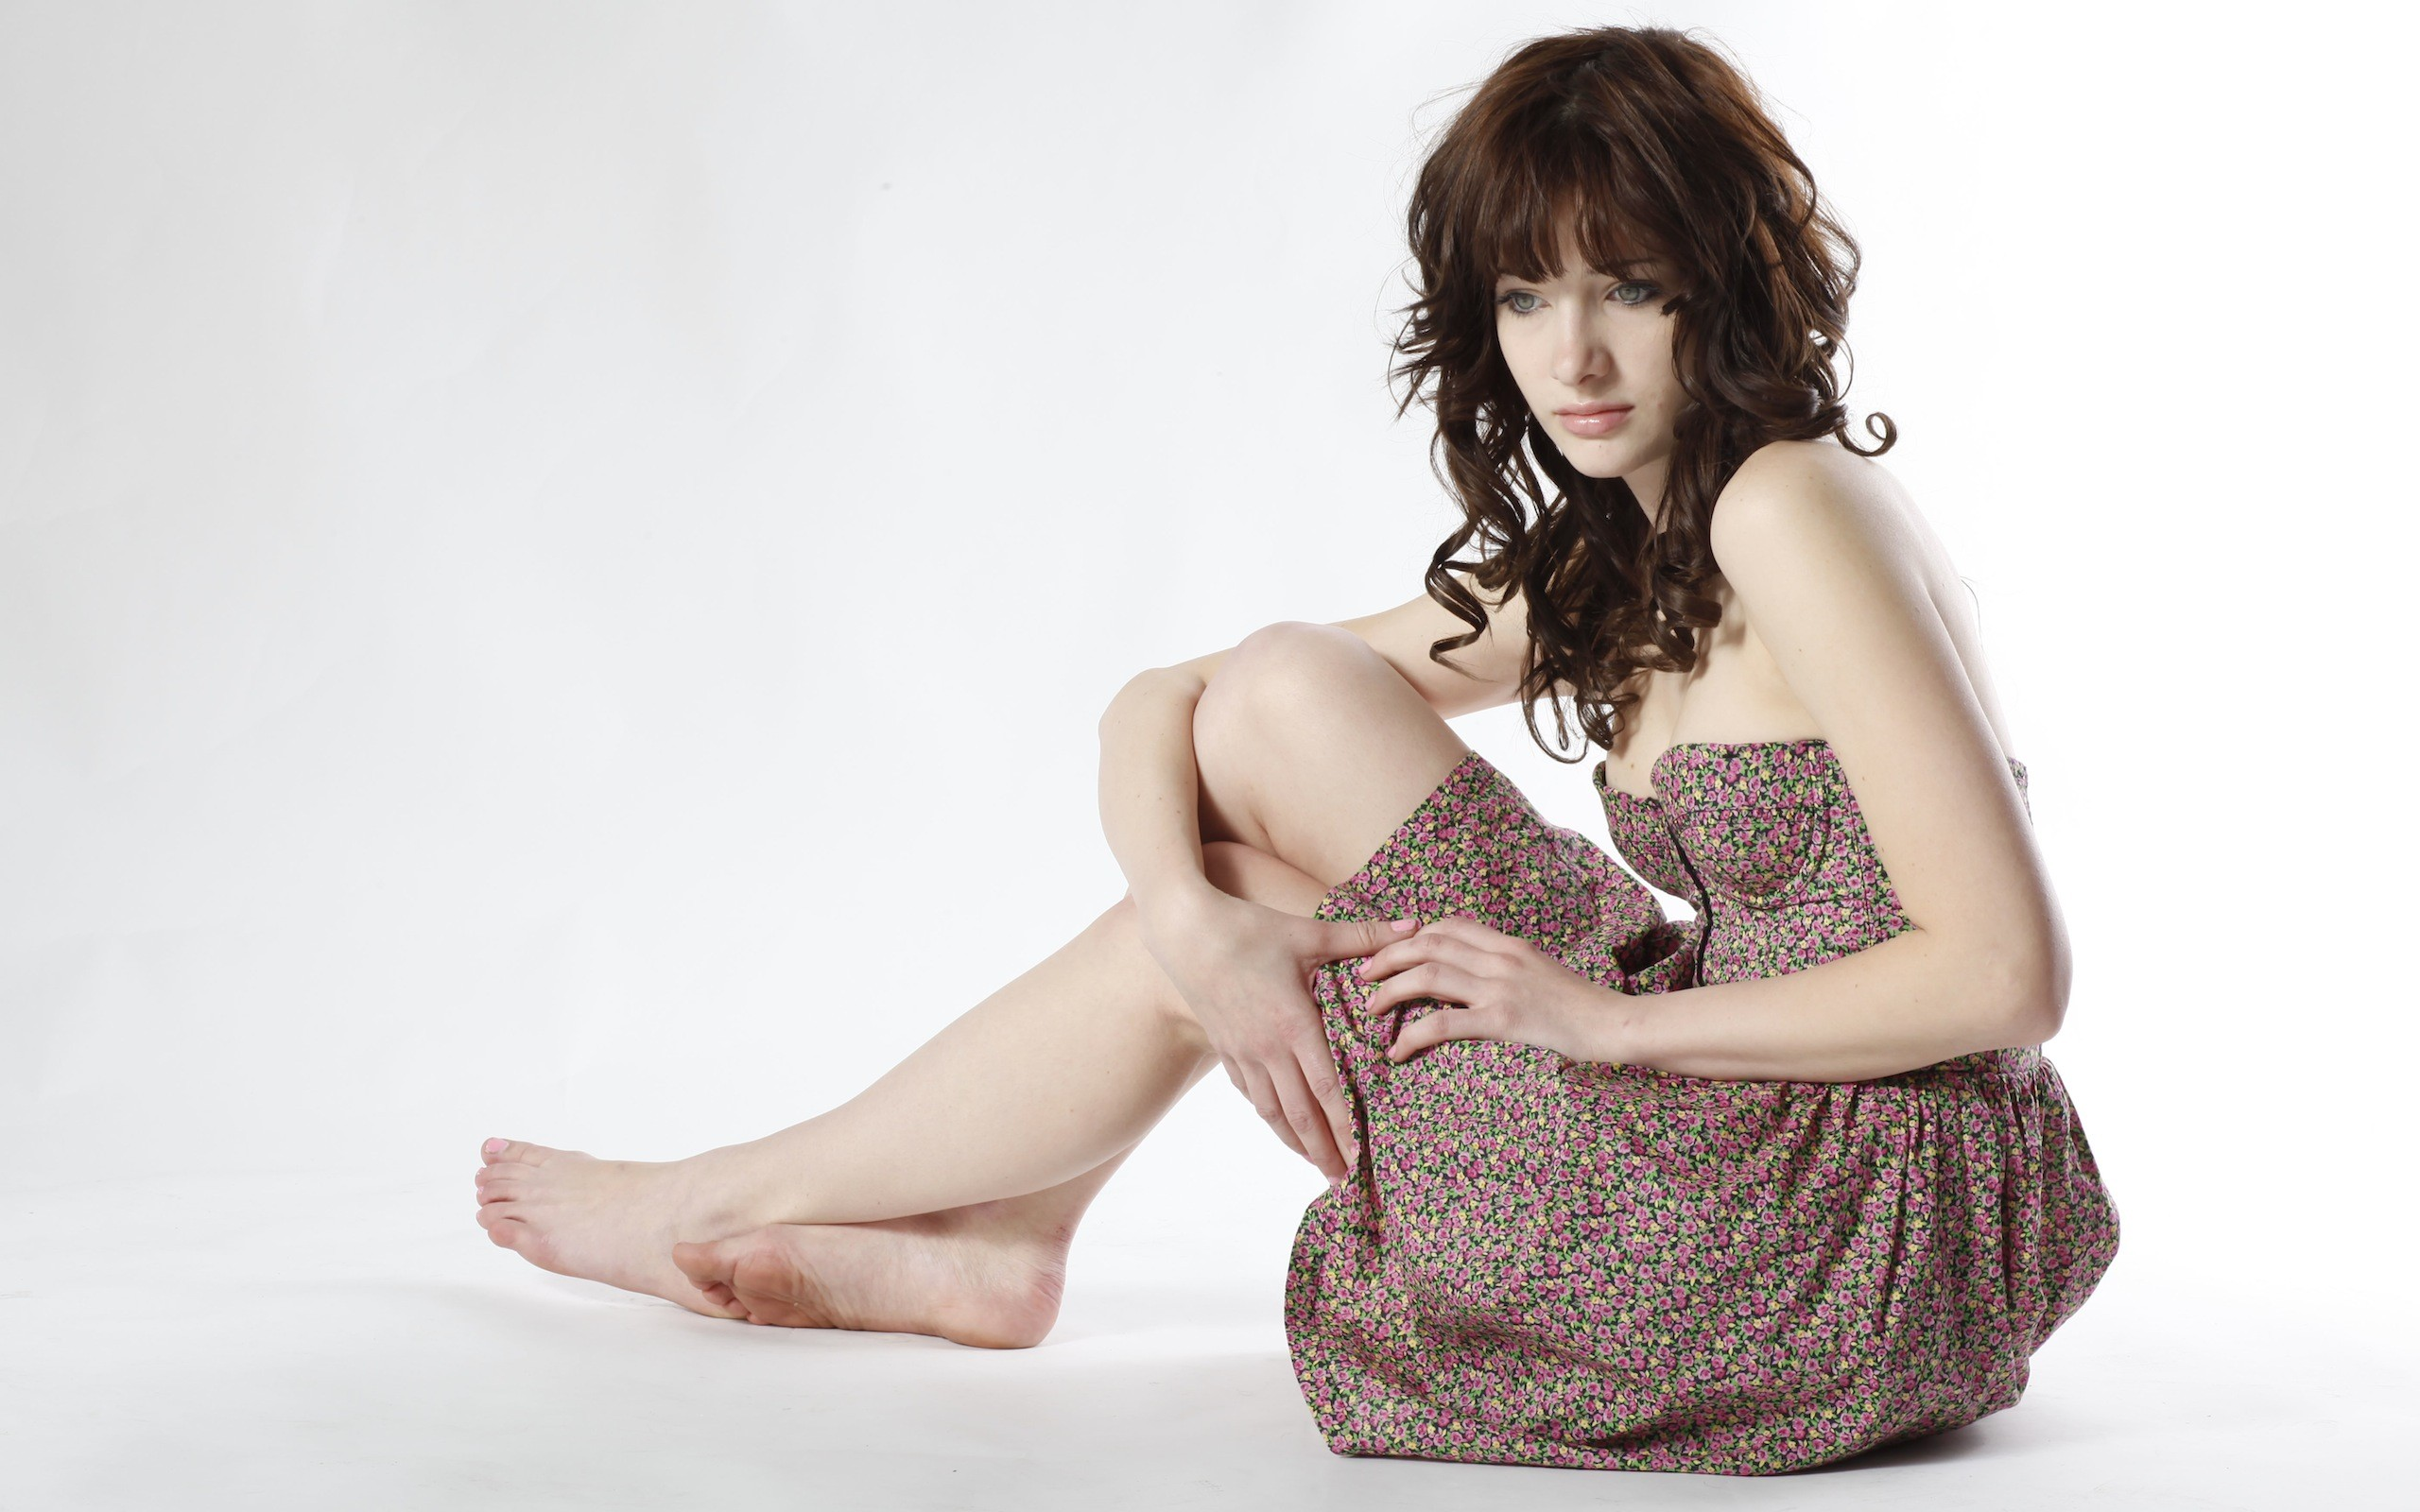 Susan Coffey con vestido - 2560x1600